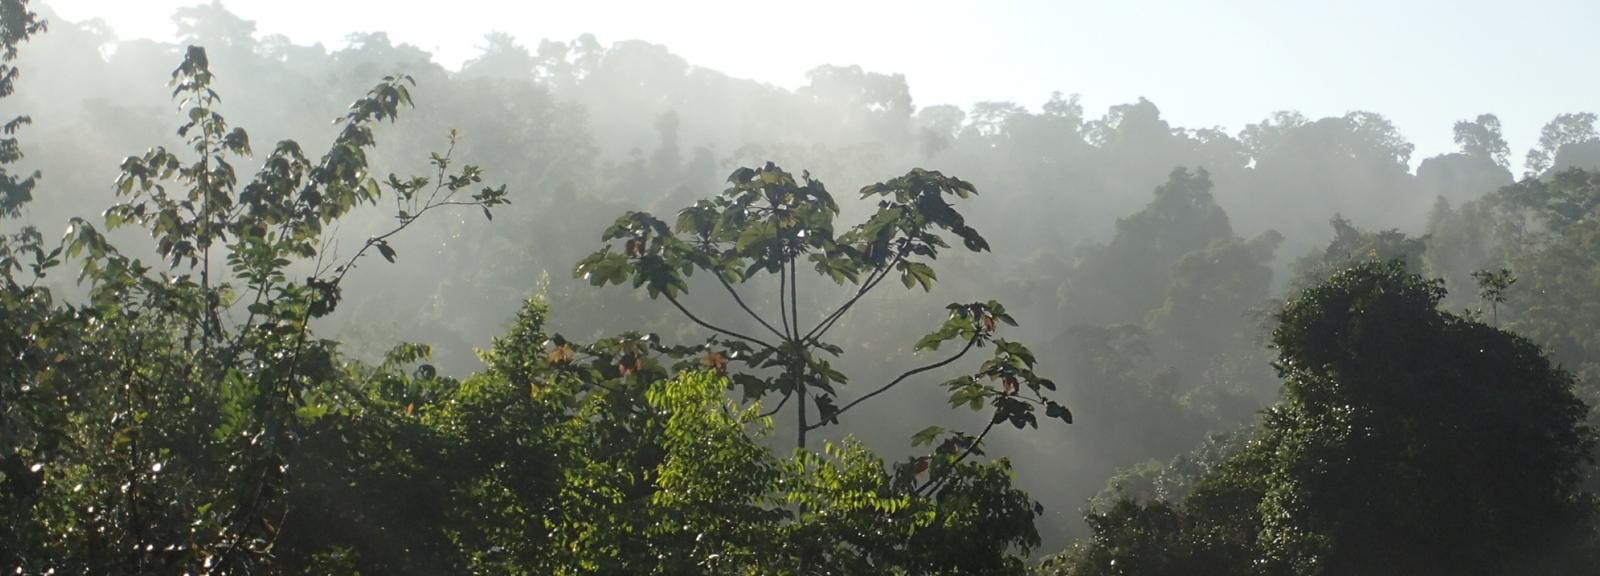 La Réserve naturelle des Nouragues en Guyane française © MNHN – O. Marquis